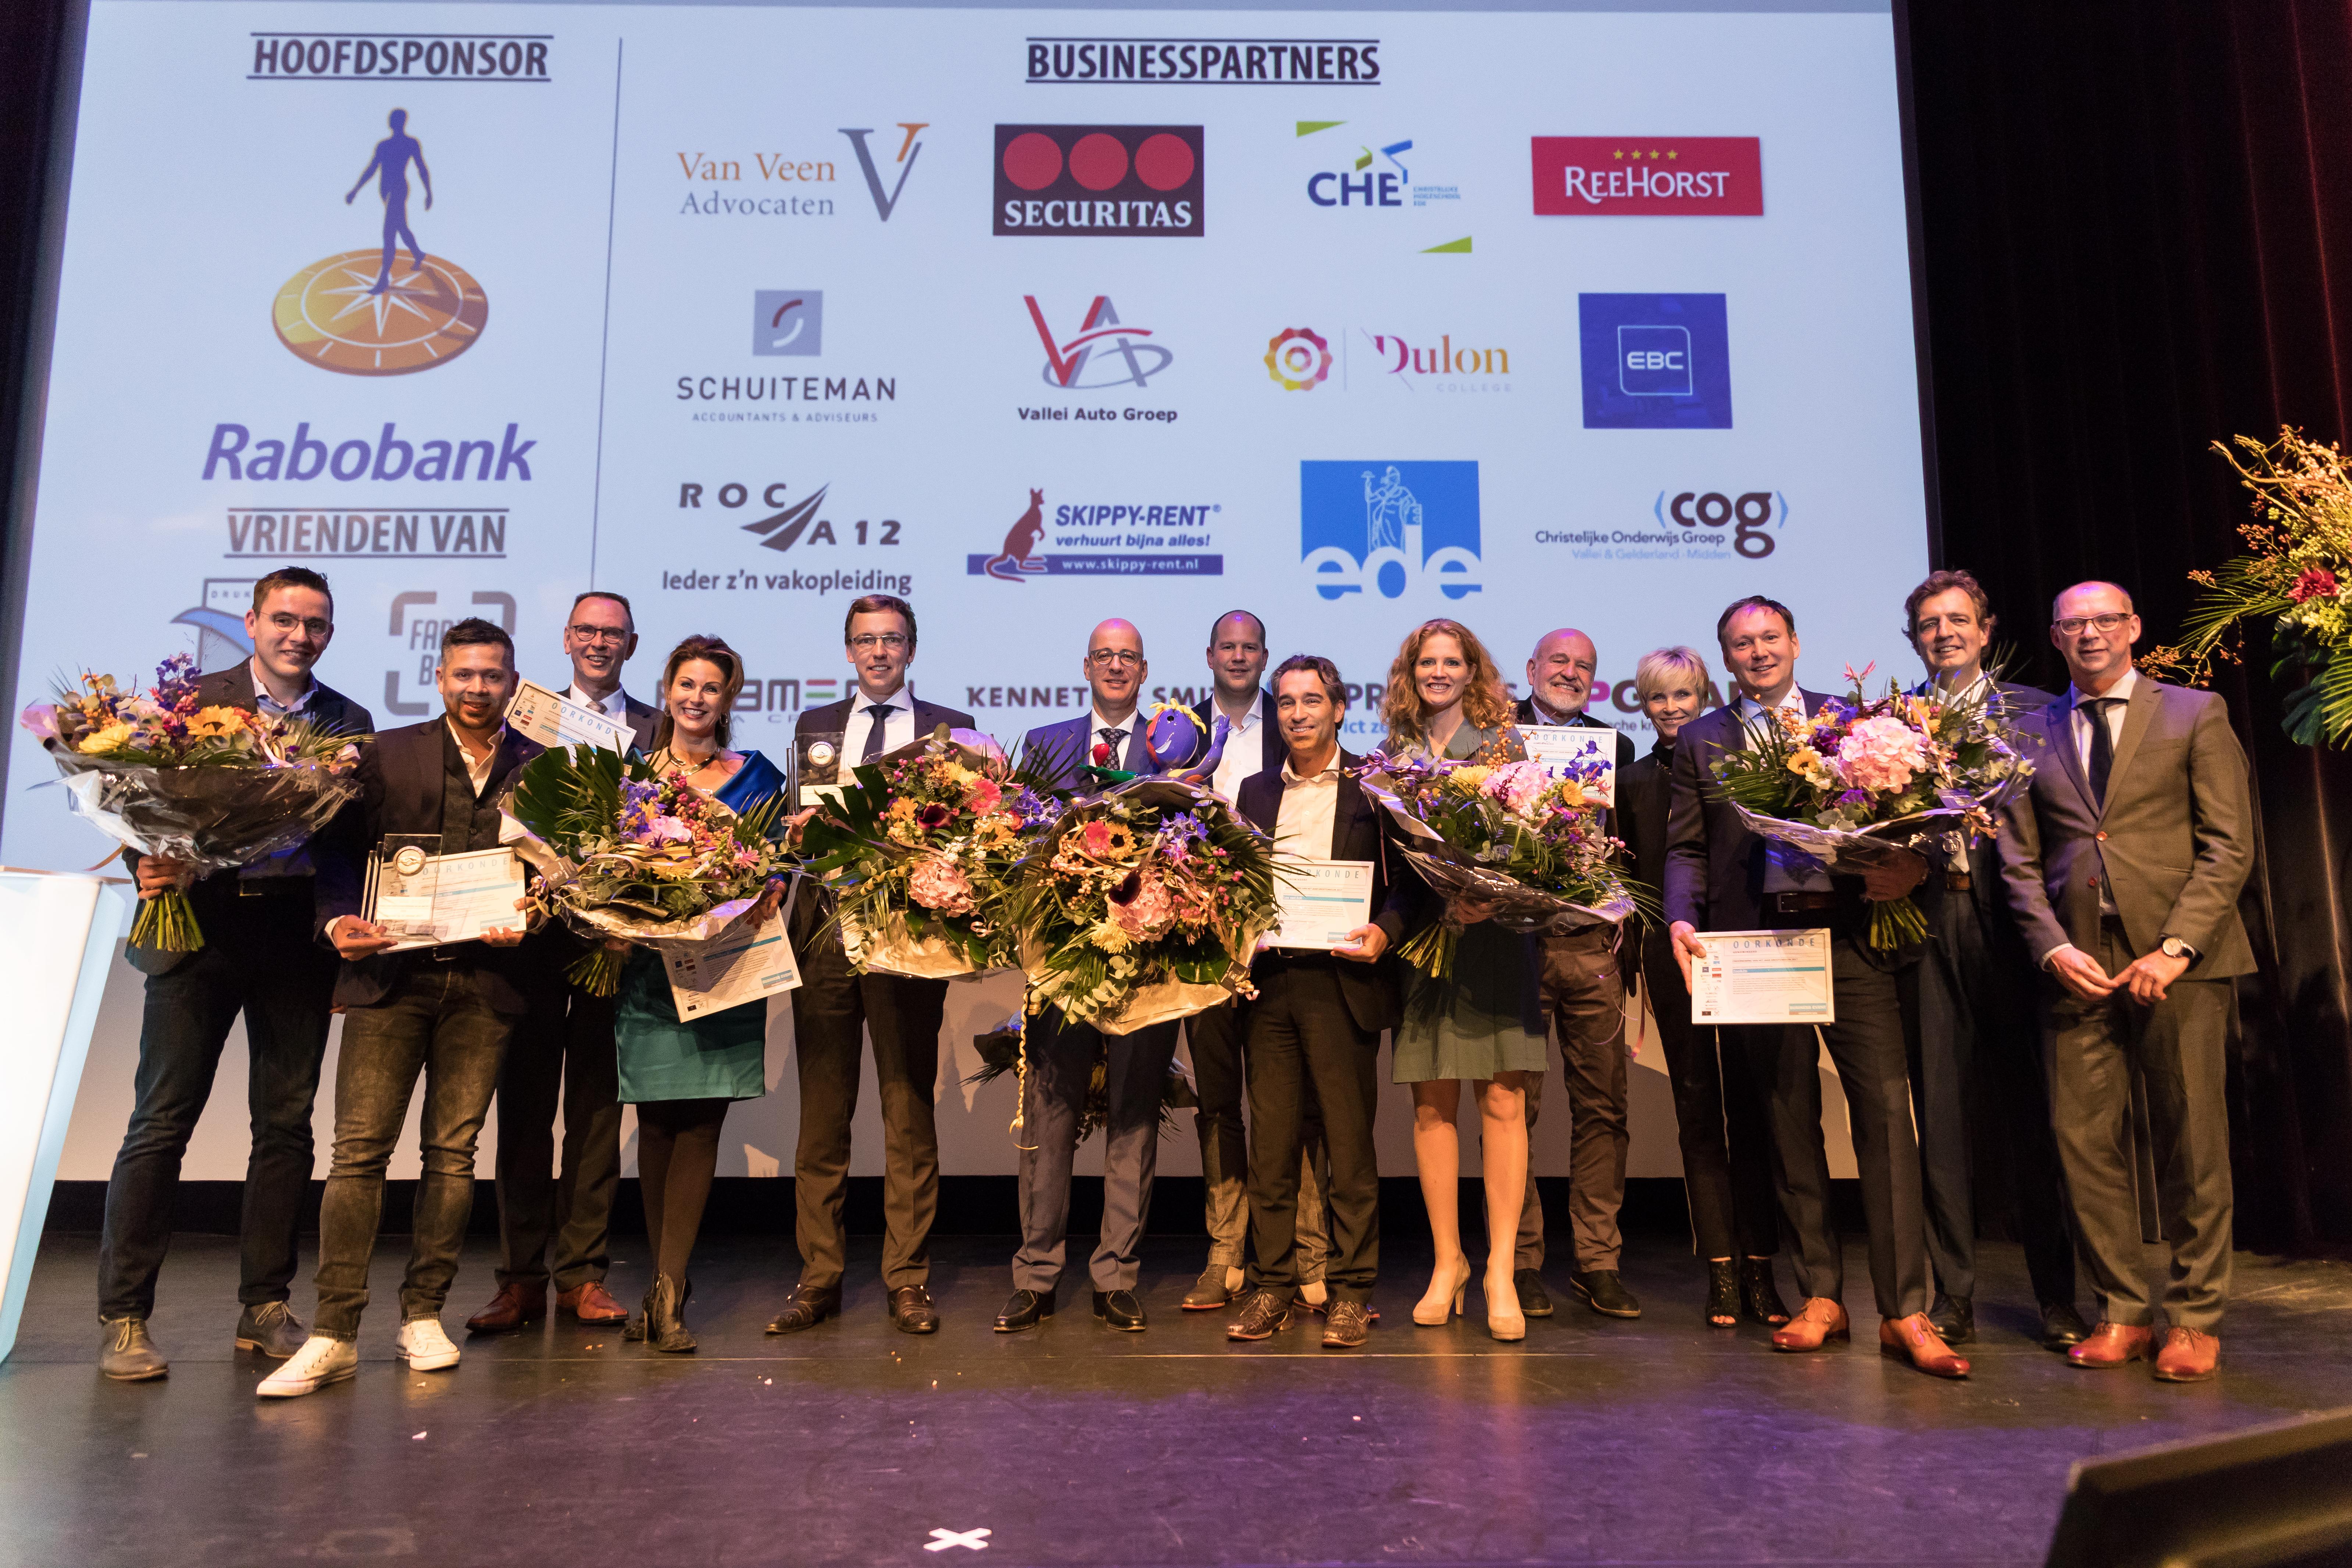 Mondial Waaijenberg genomineerd Ondernemer van het jaar 2017 Winaars op het podium Mondial Waaijenberg genomineerd Ondernemer van het jaar 2017 Winaars op het podium